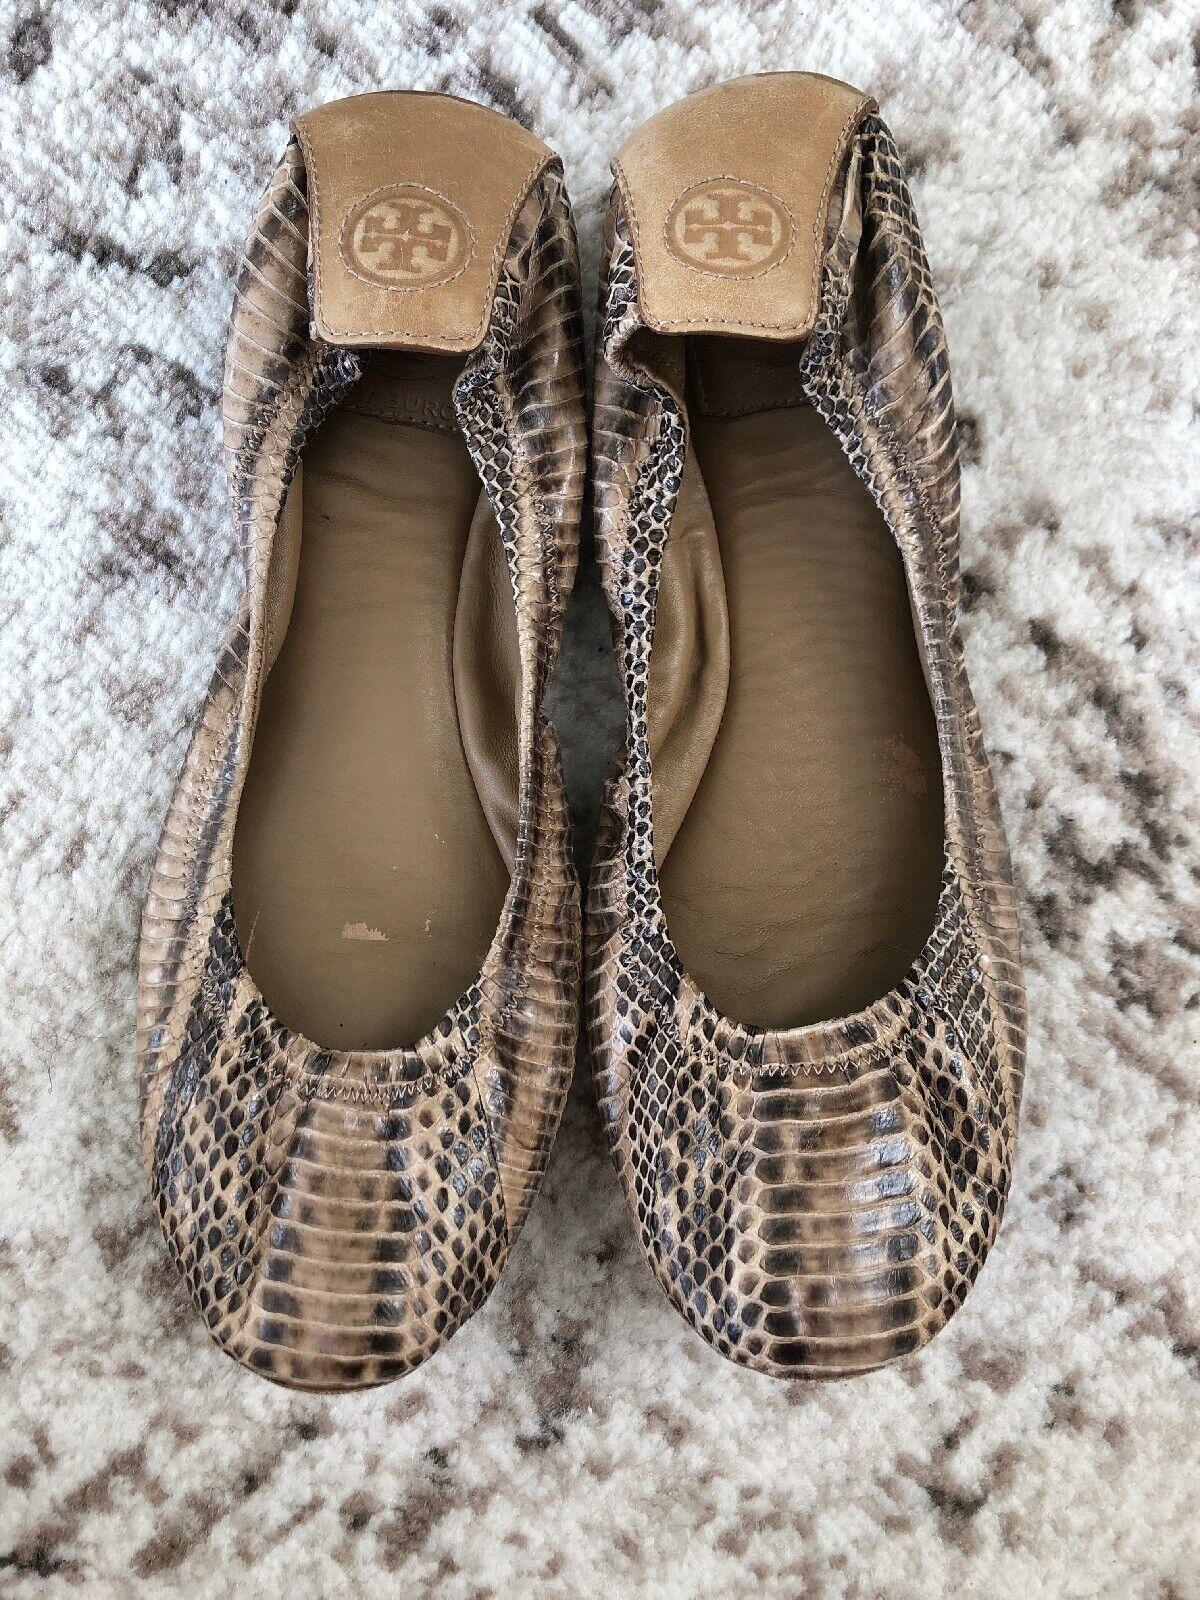 Tori Burch Eddie Snake watersnake, cuero vegetal Ballet, zapatos de cuero, marrón, 8,50  , 250  .